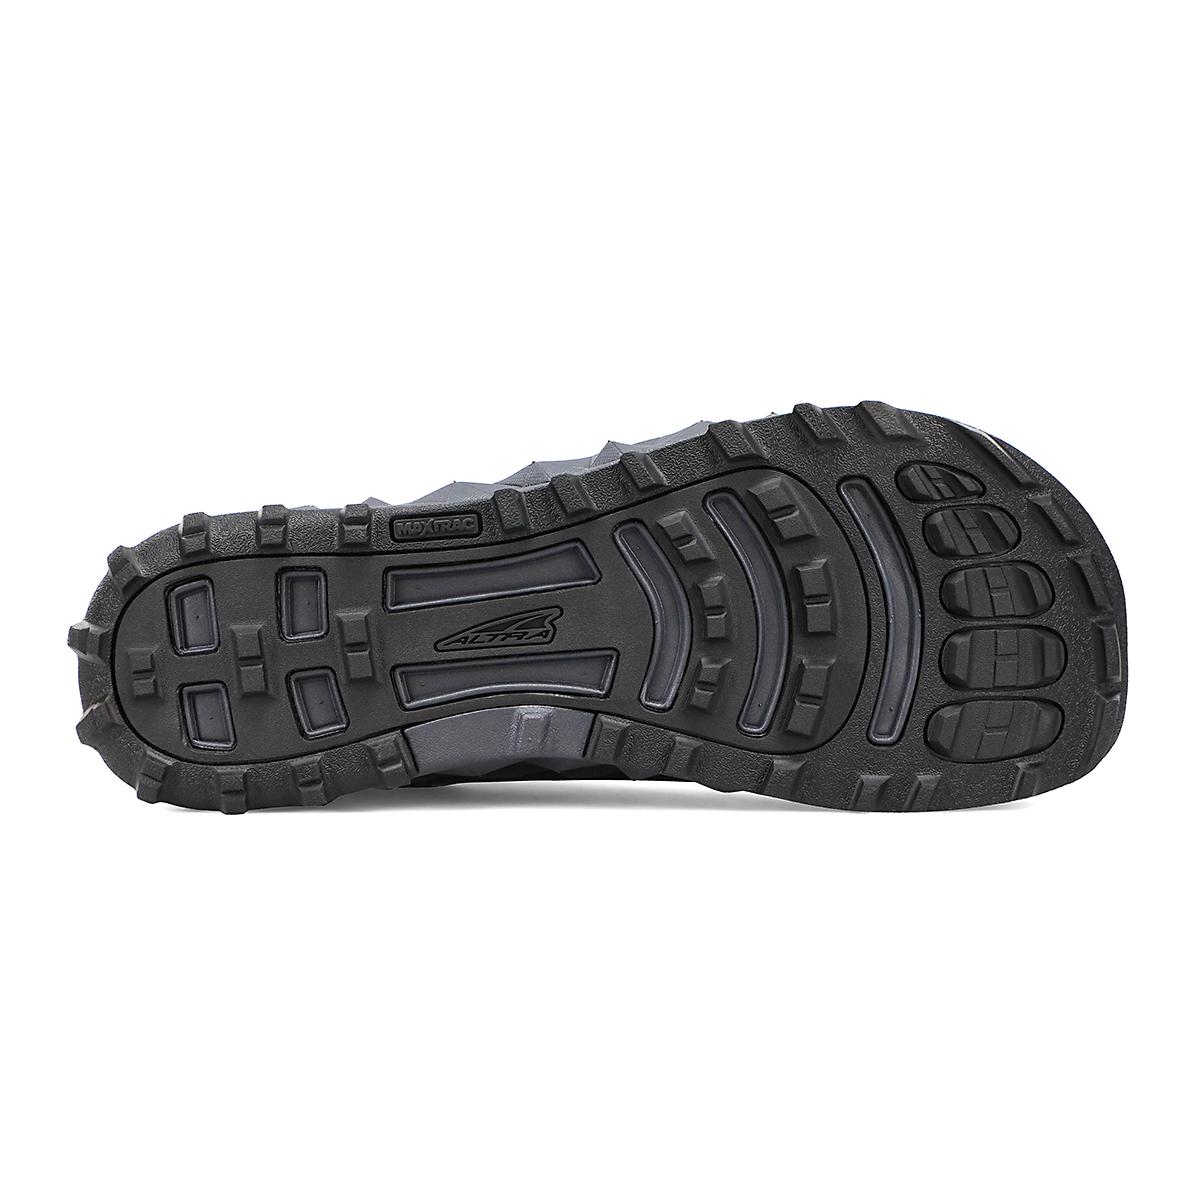 Men's Altra Superior 4.5 Trail Running Shoe - Color: Black - Size: 7 - Width: Regular, Black, large, image 4